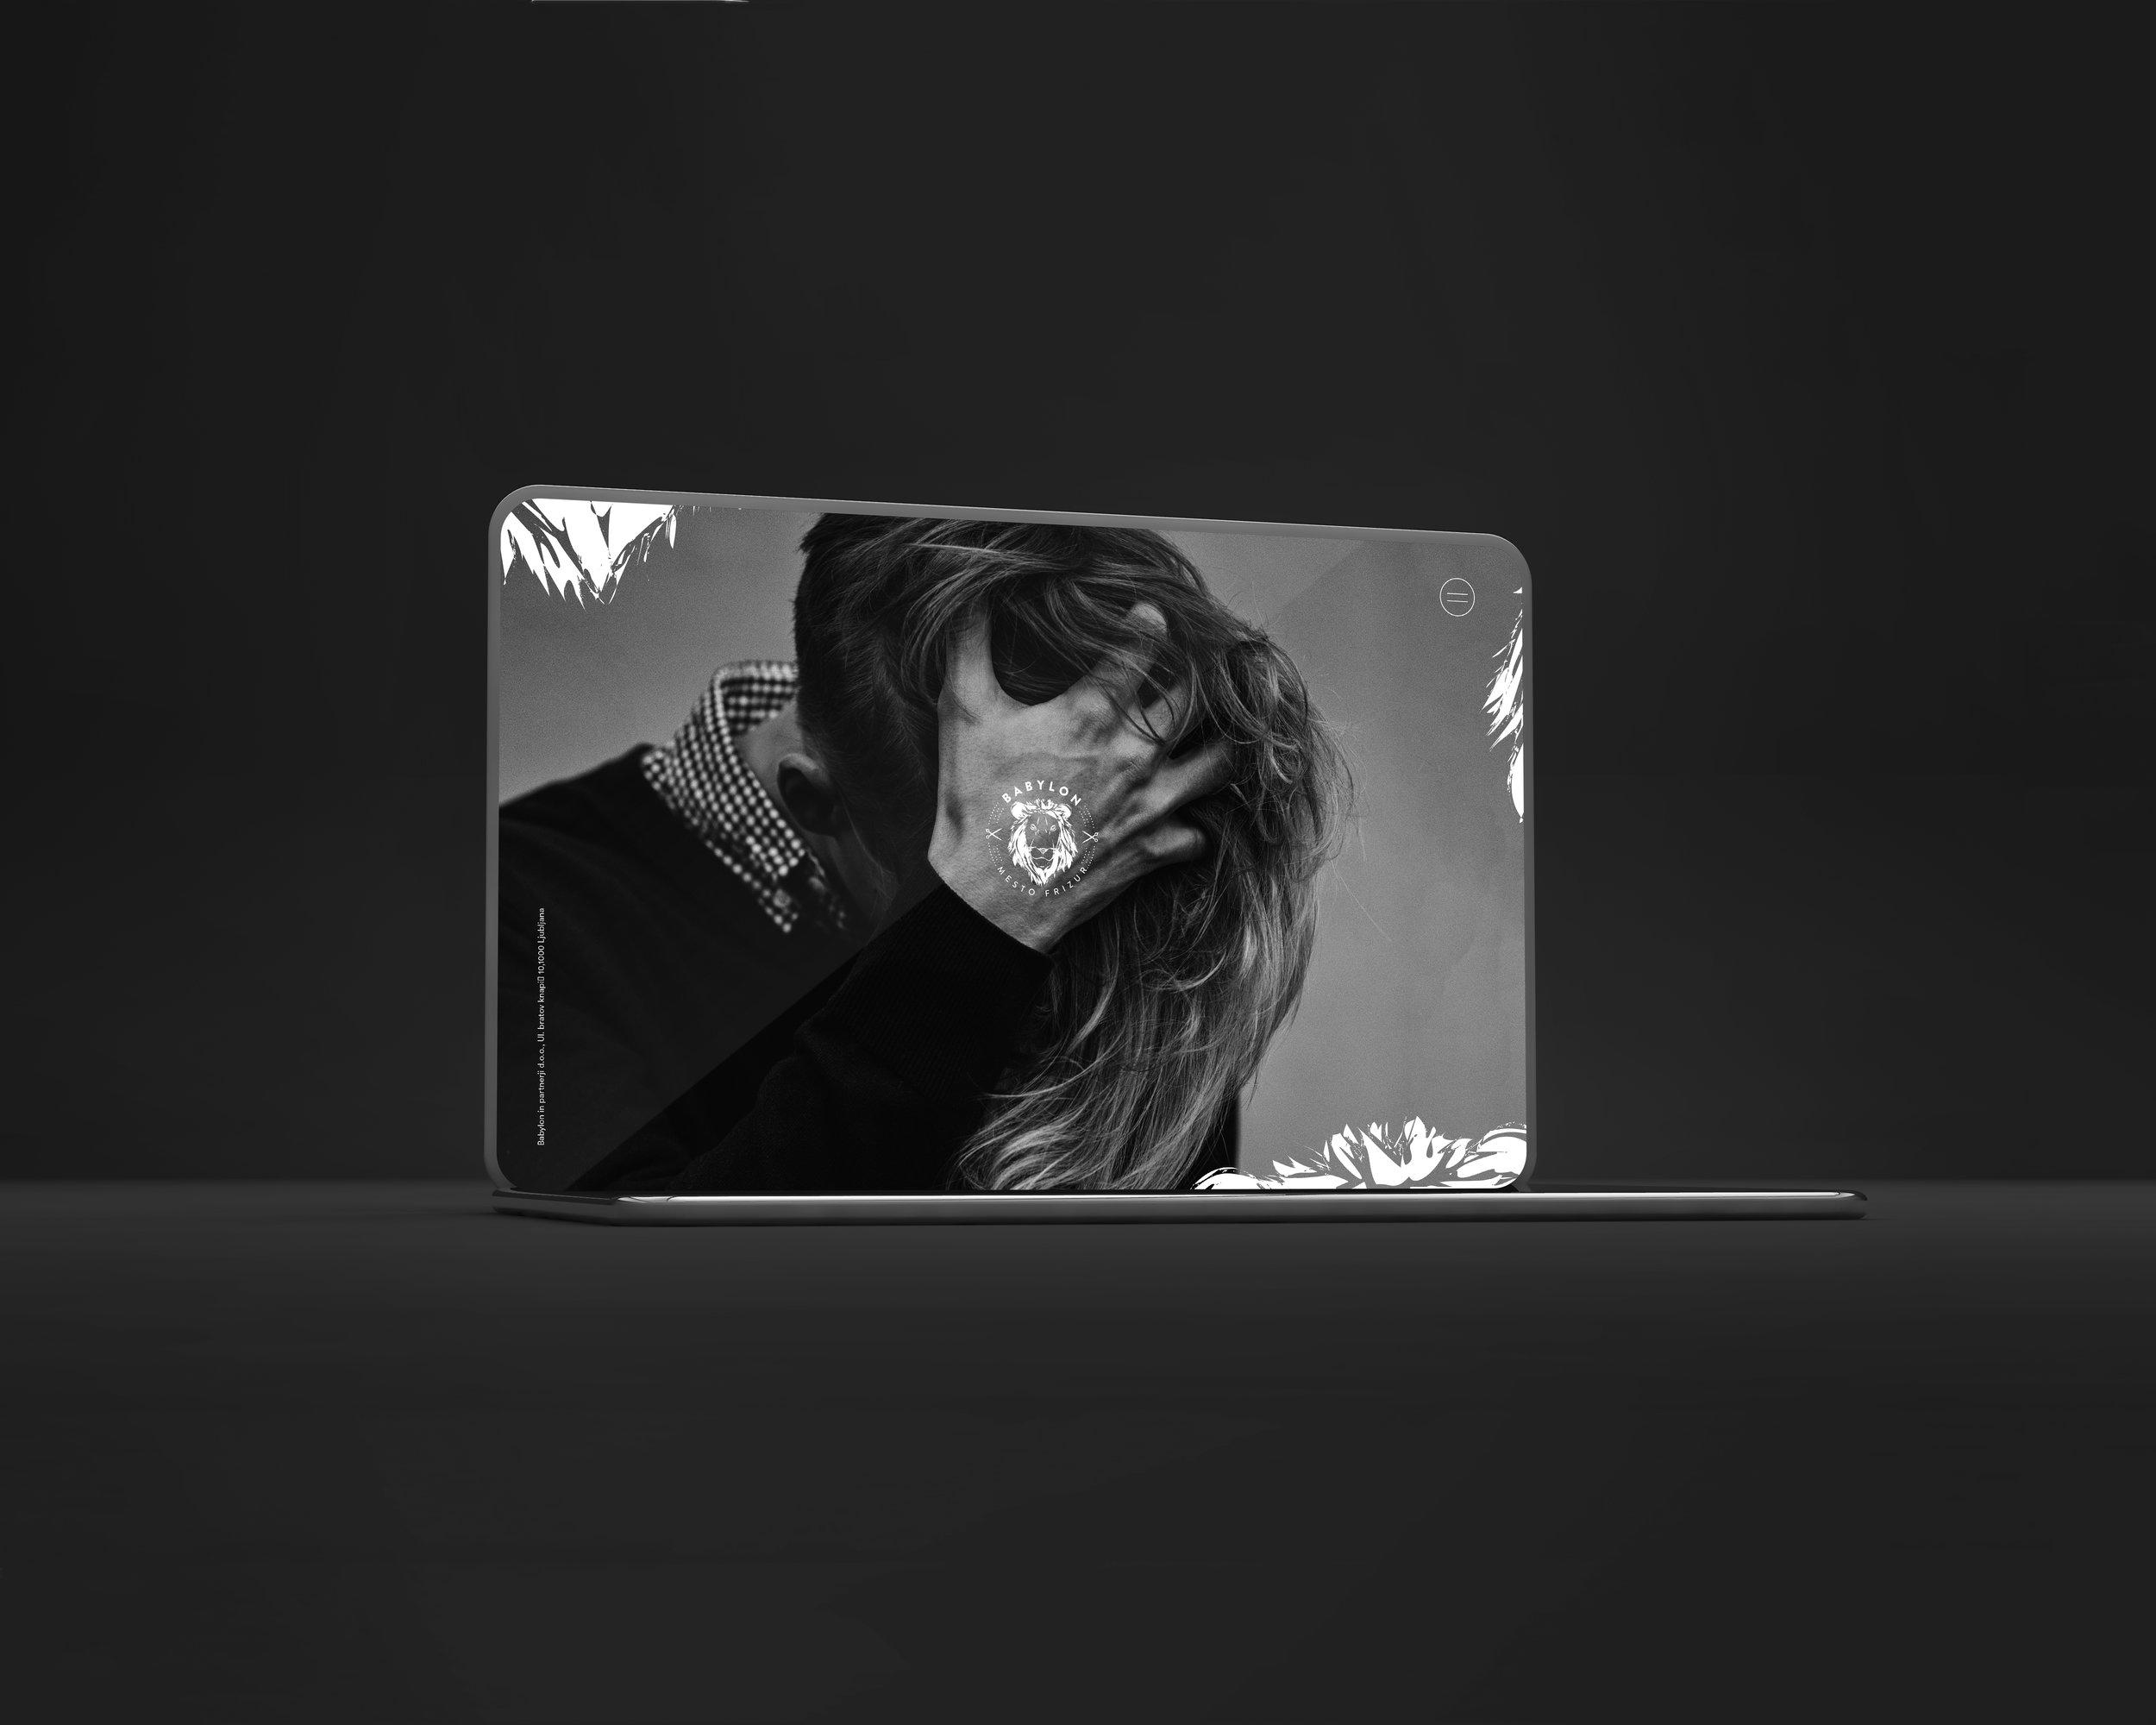 MacBook1-Babylon1.jpg